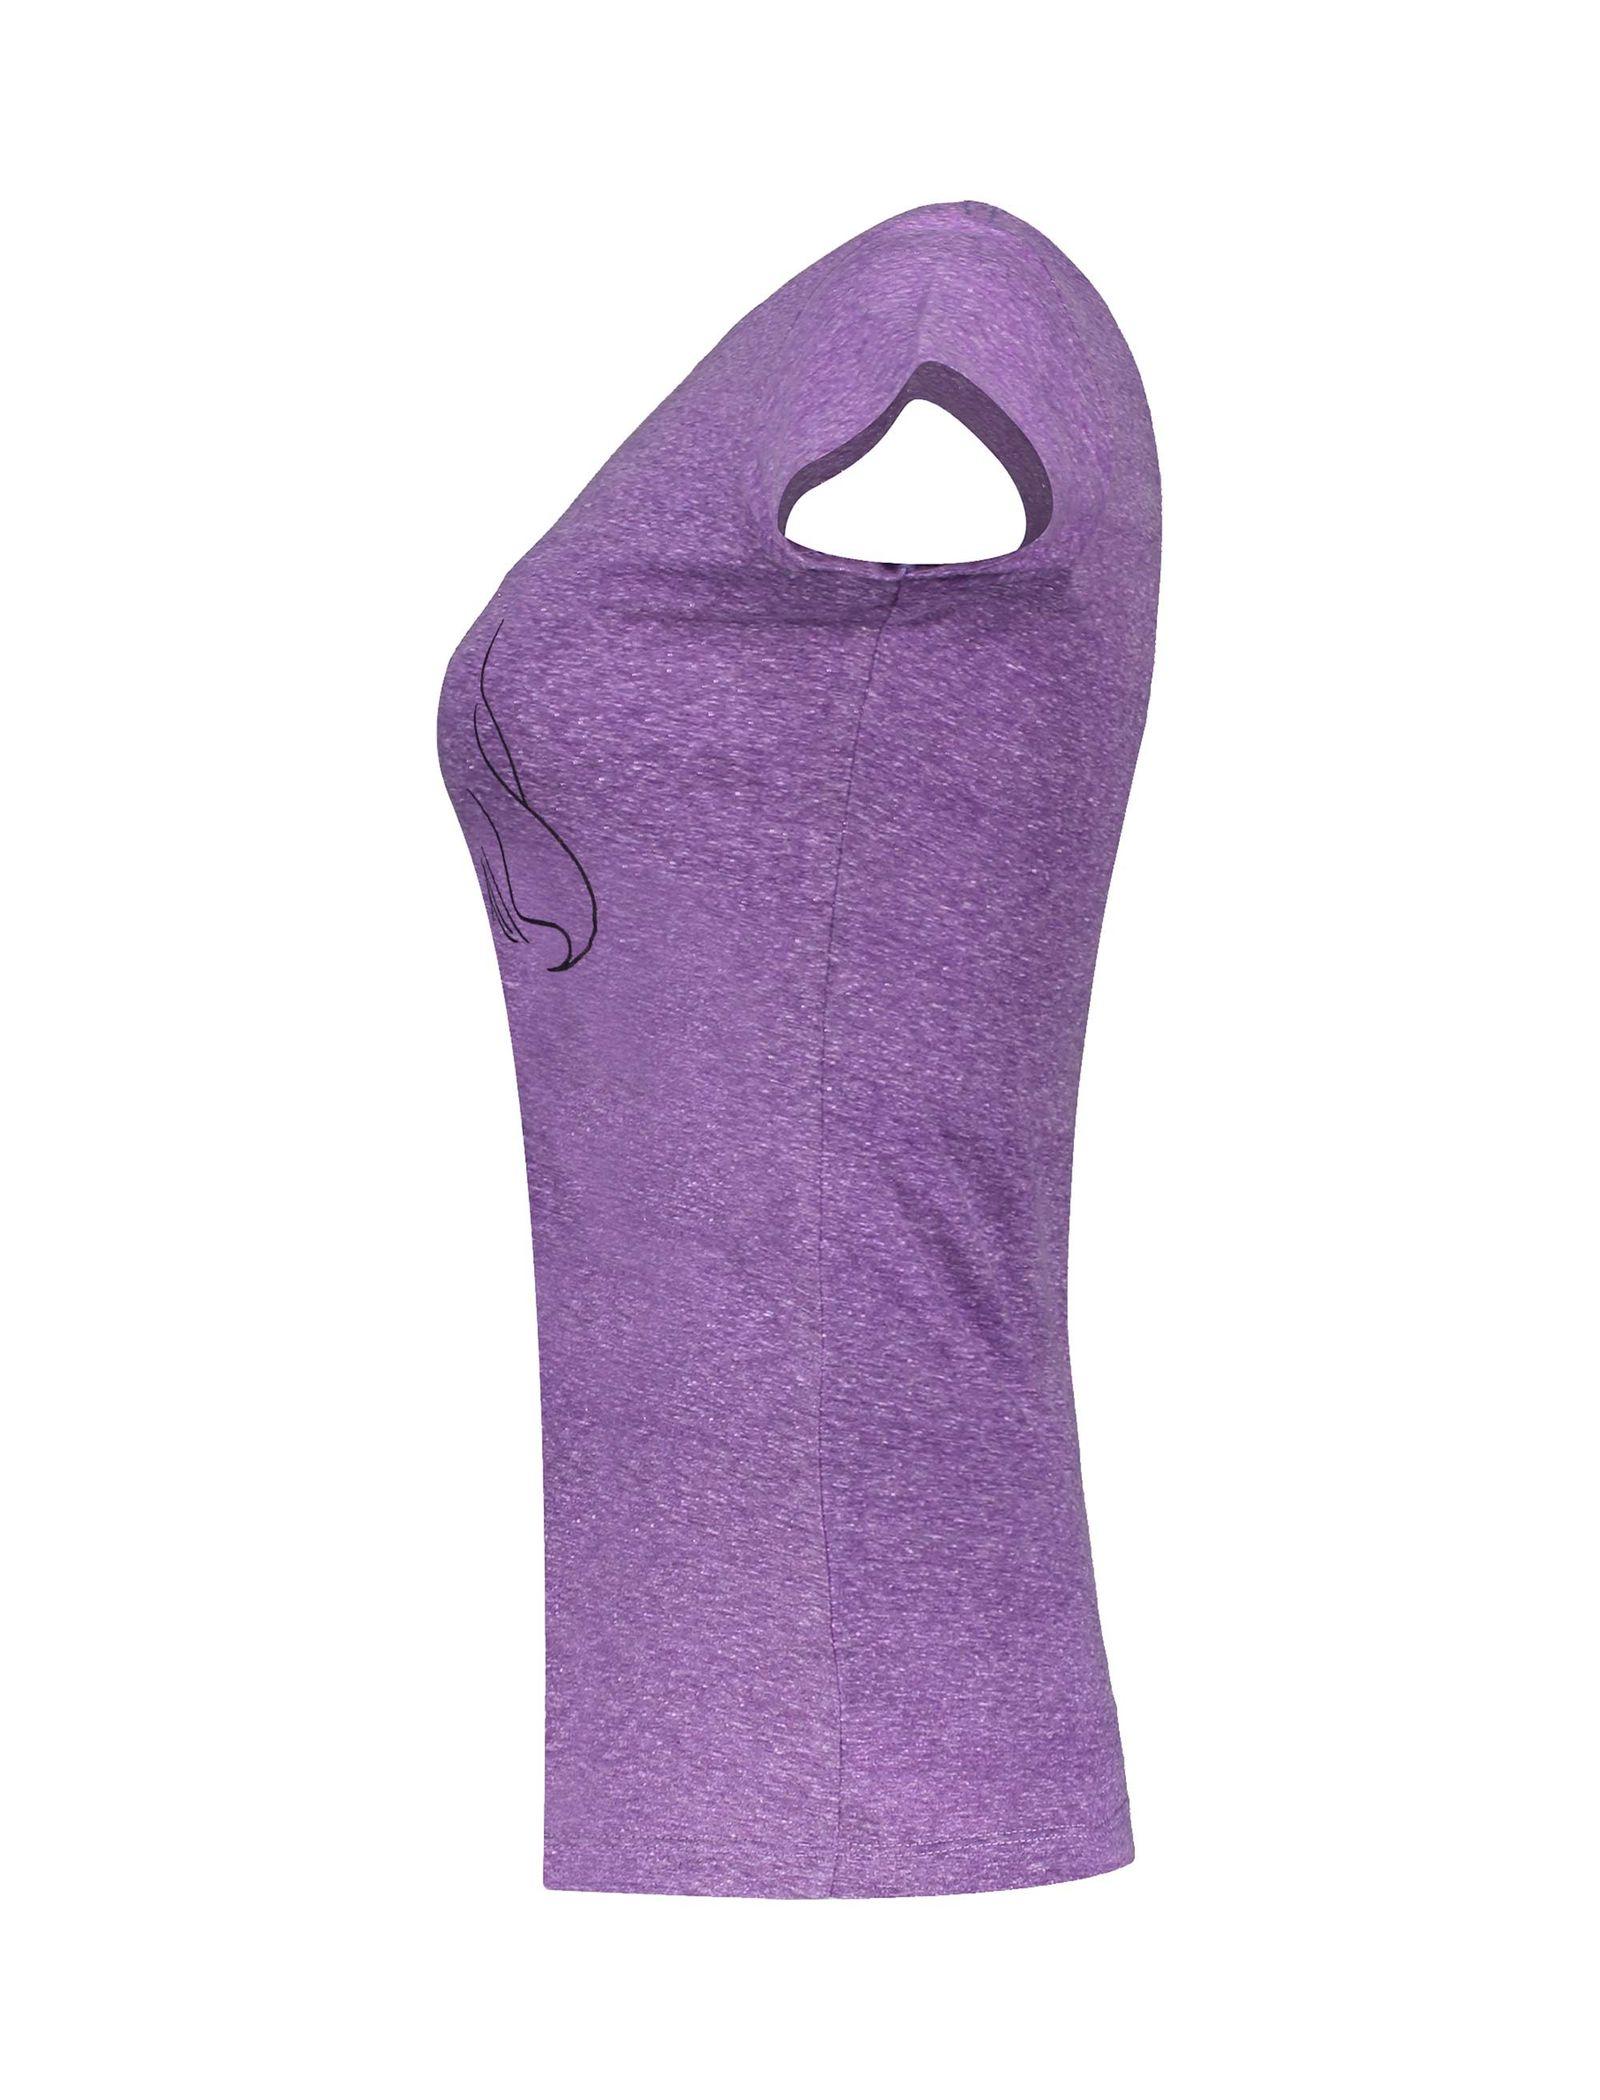 تی شرت یقه گرد زنانه - متی - بنفش - 3